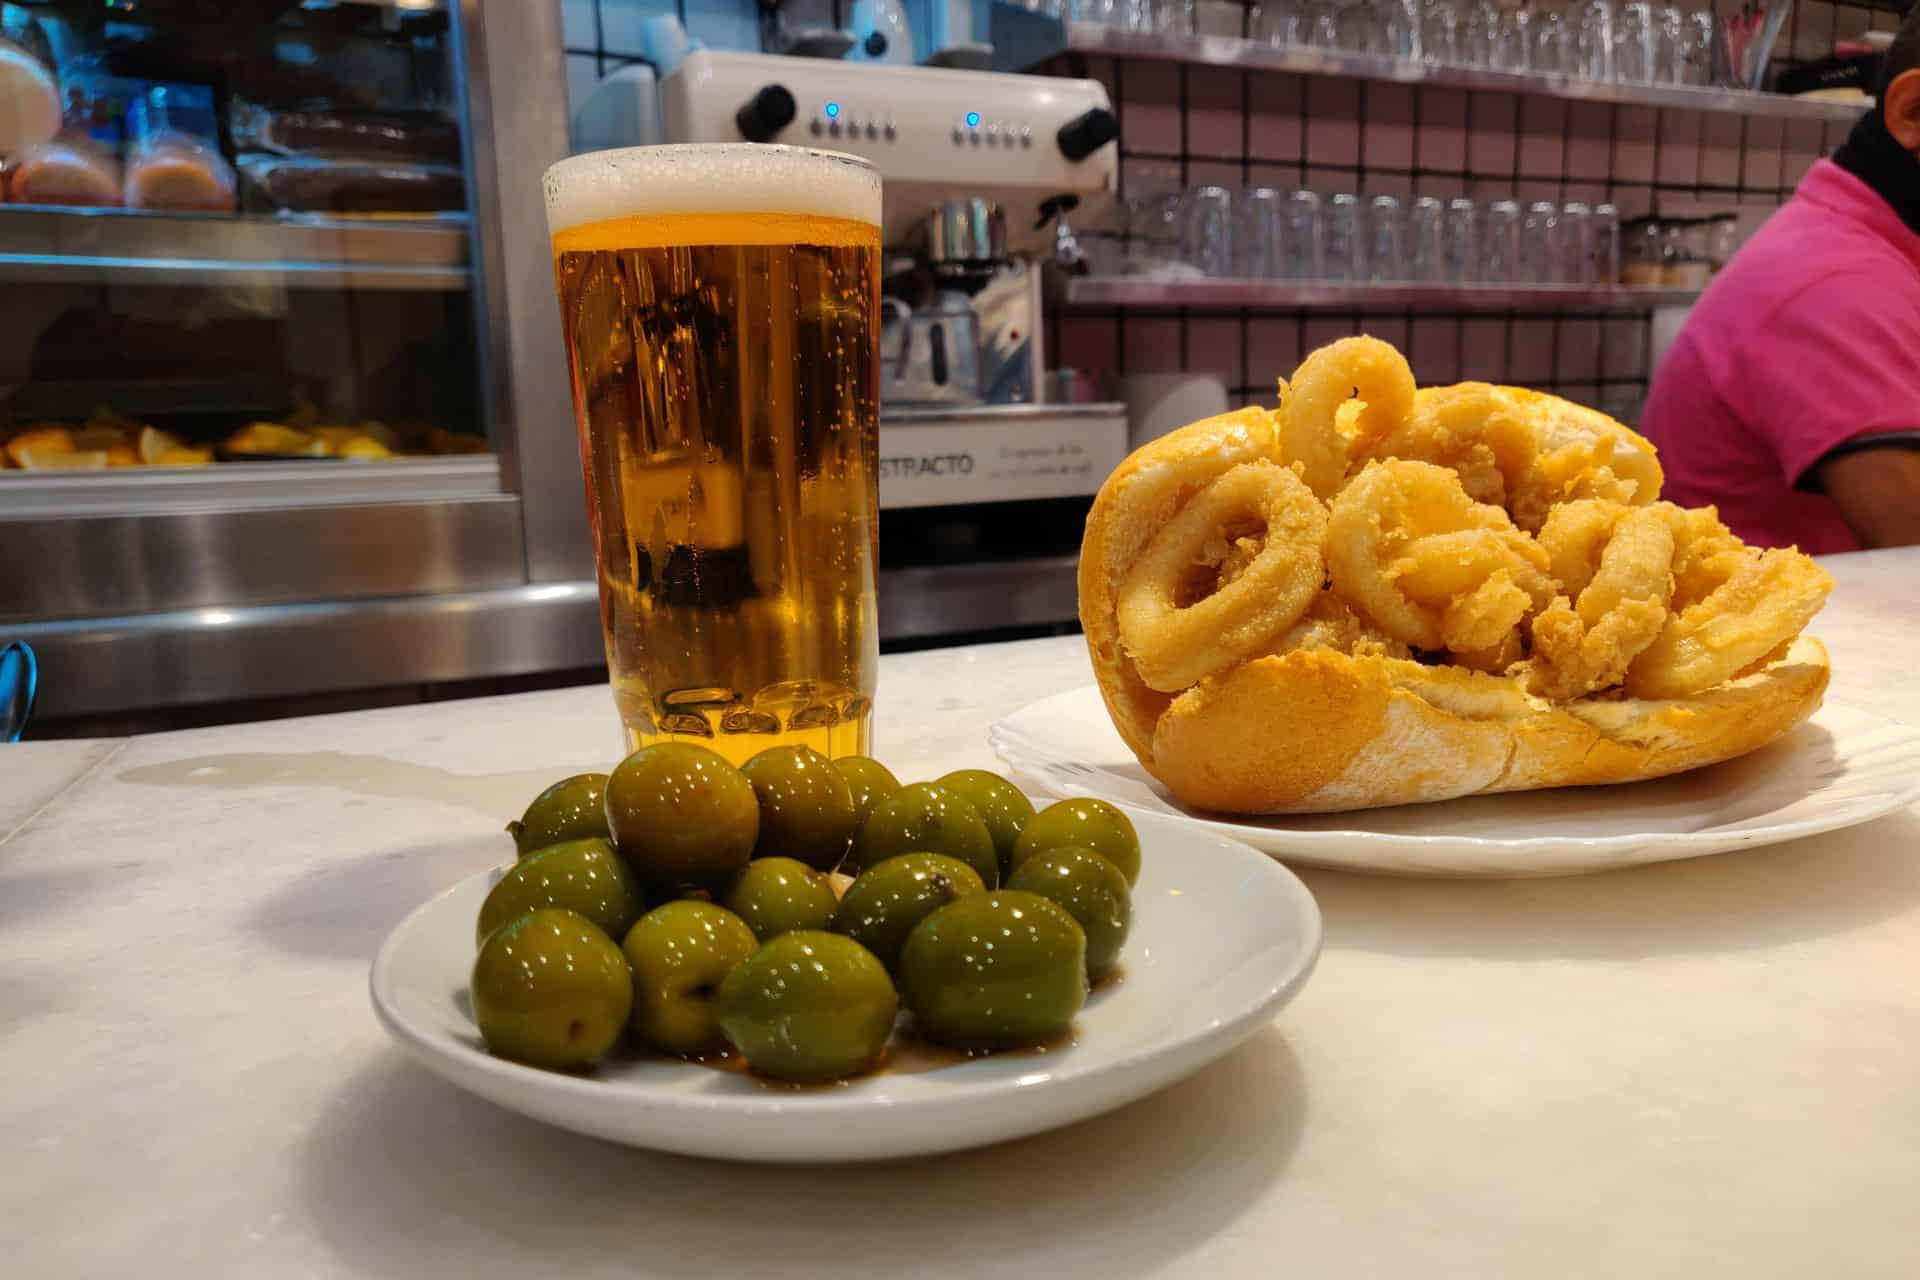 La Campana:Donde disfrutar de los mejores bocadillos de calamares de Madrid esta Semana Santa 2021.